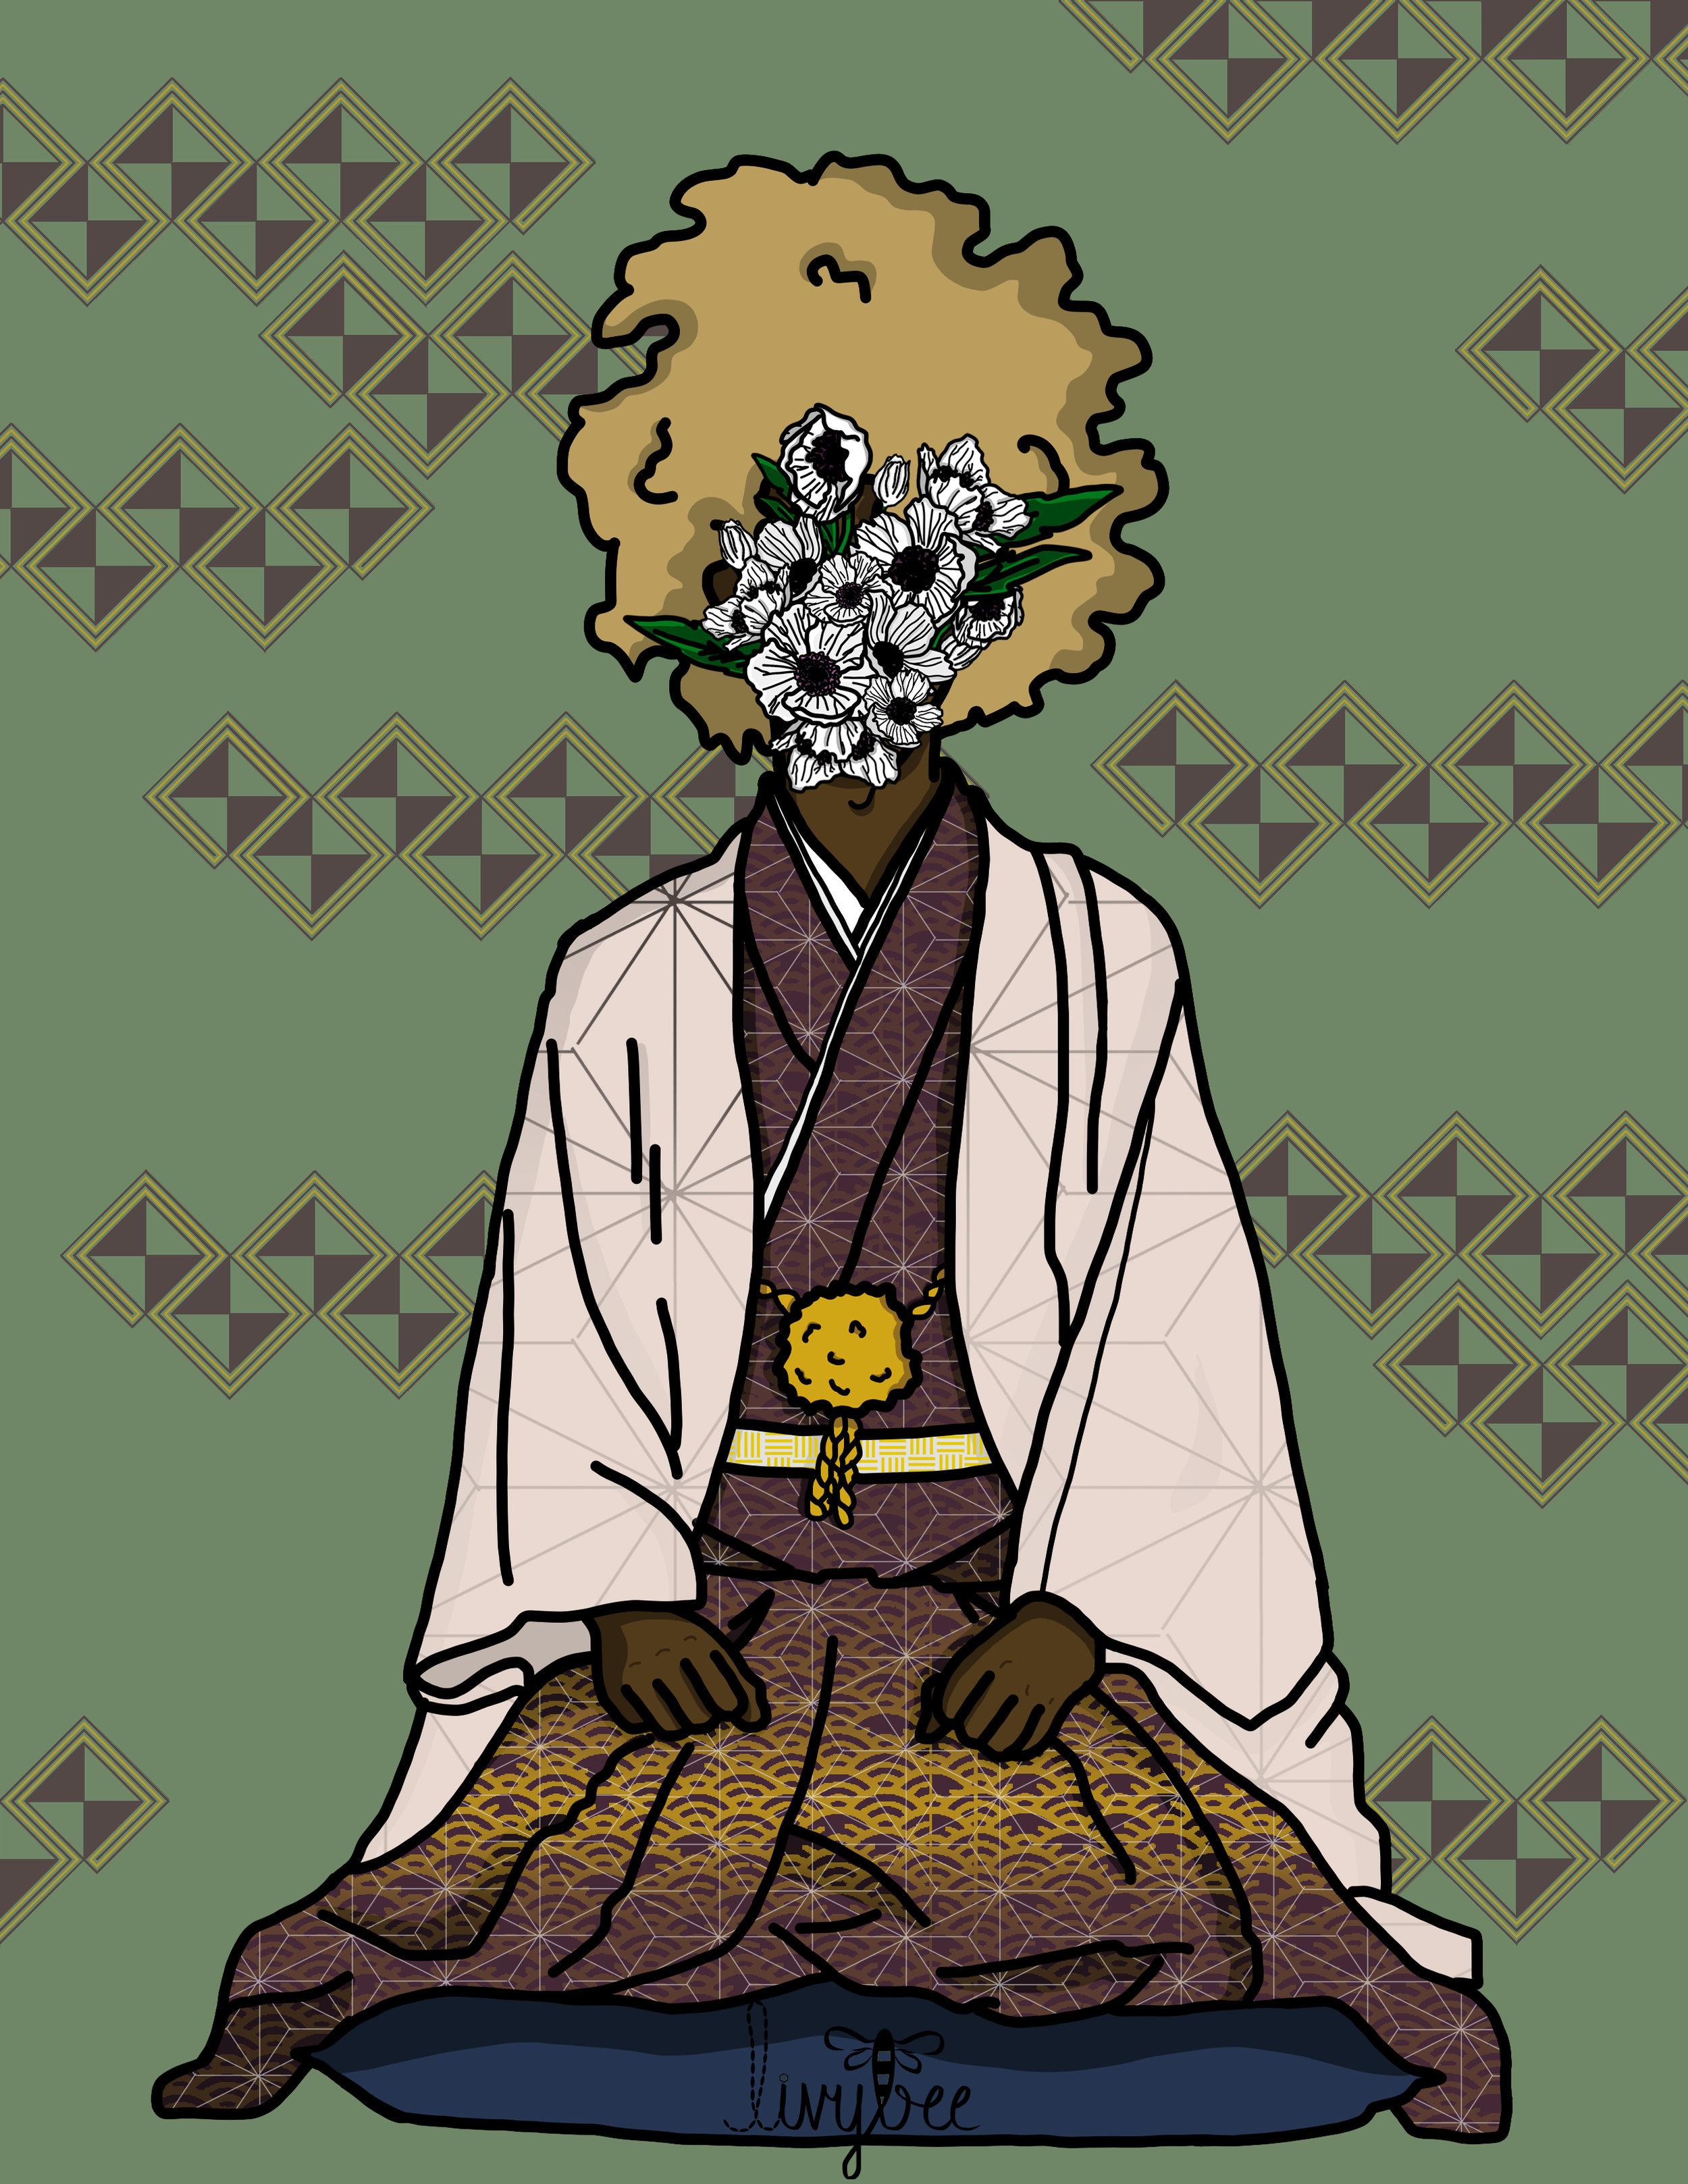 Anemone-sama